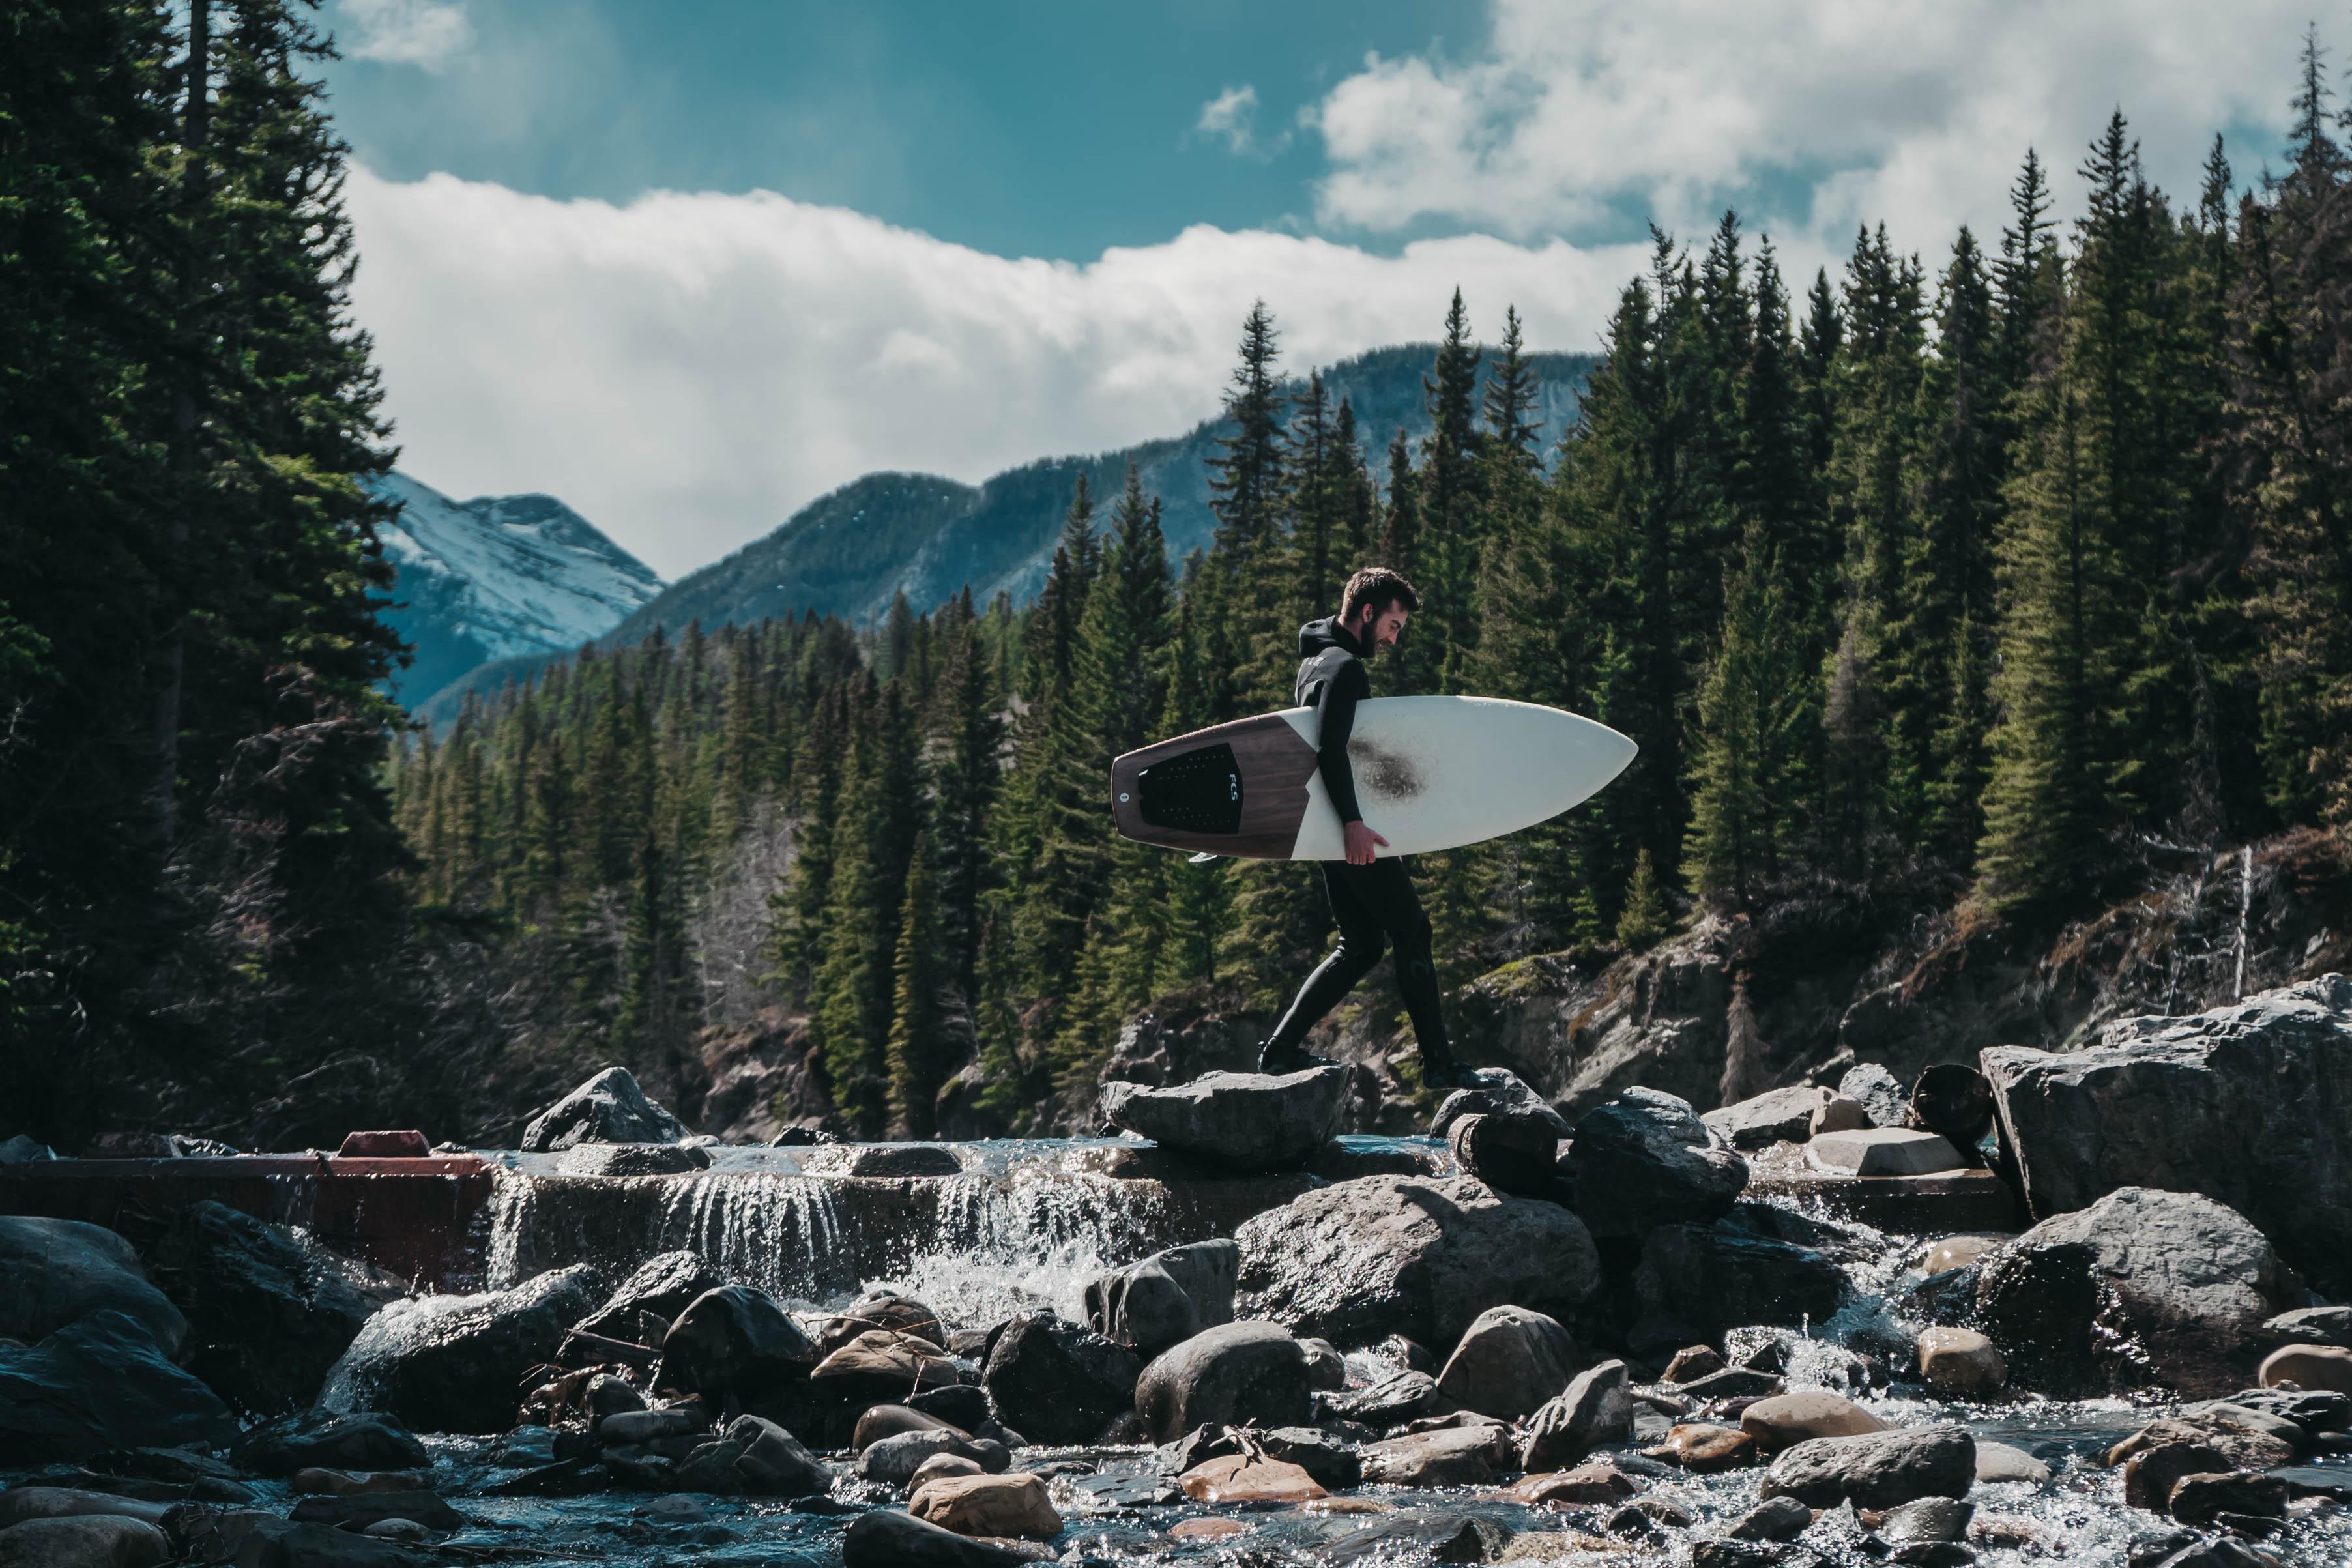 Surf Lesson Waitlist